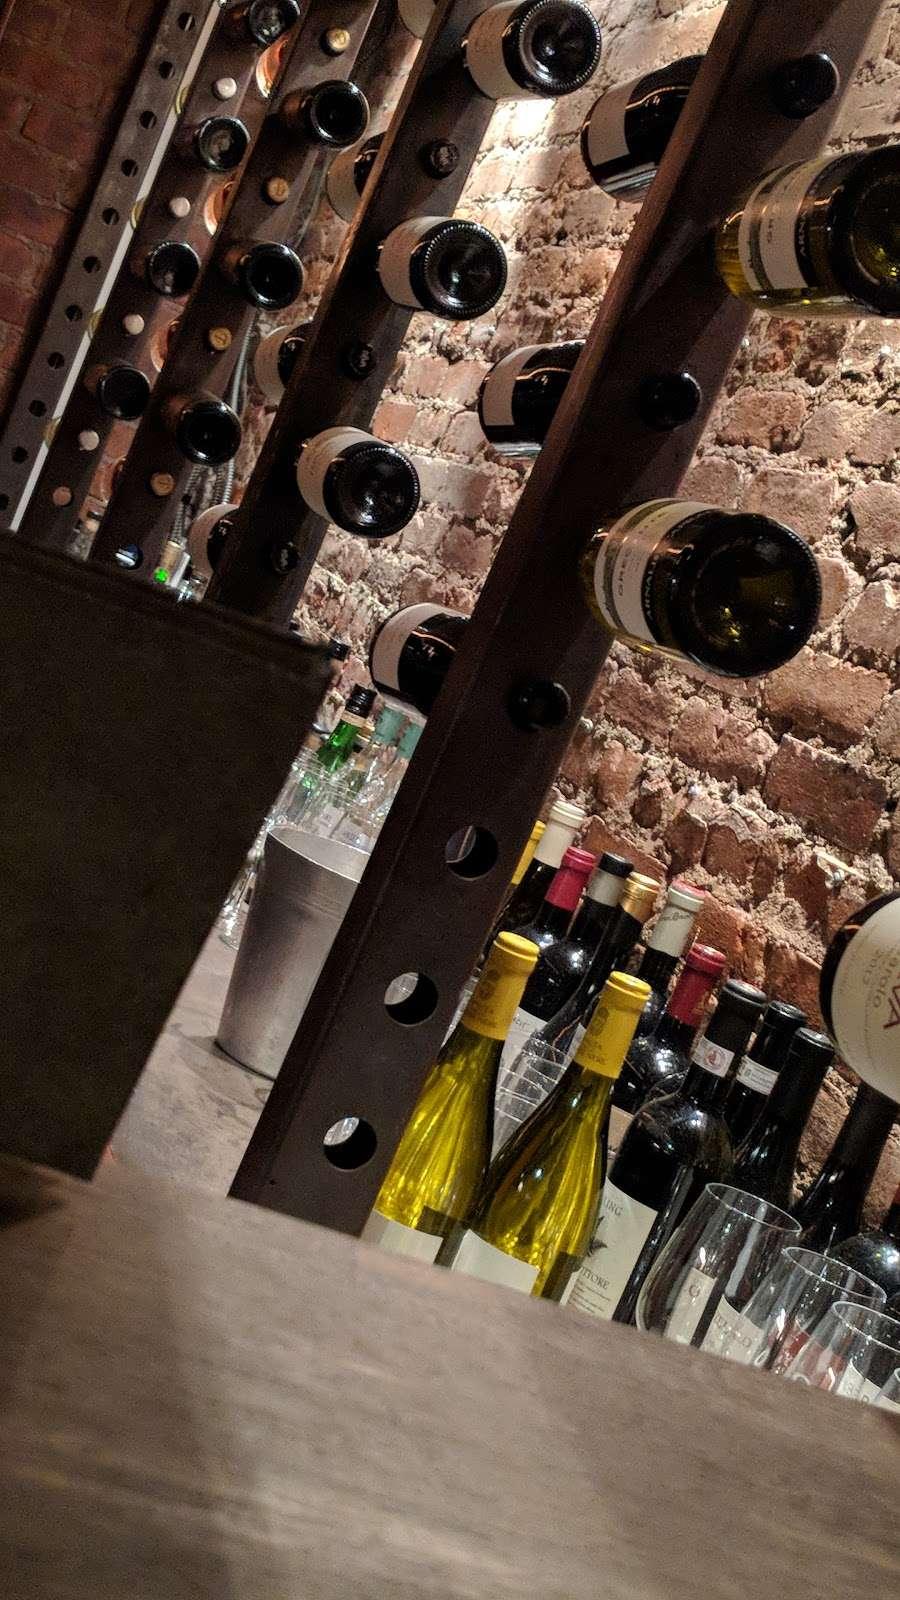 Bar Veloce - restaurant  | Photo 10 of 10 | Address: 146 W Houston St, New York, NY 10012, USA | Phone: (212) 253-9500